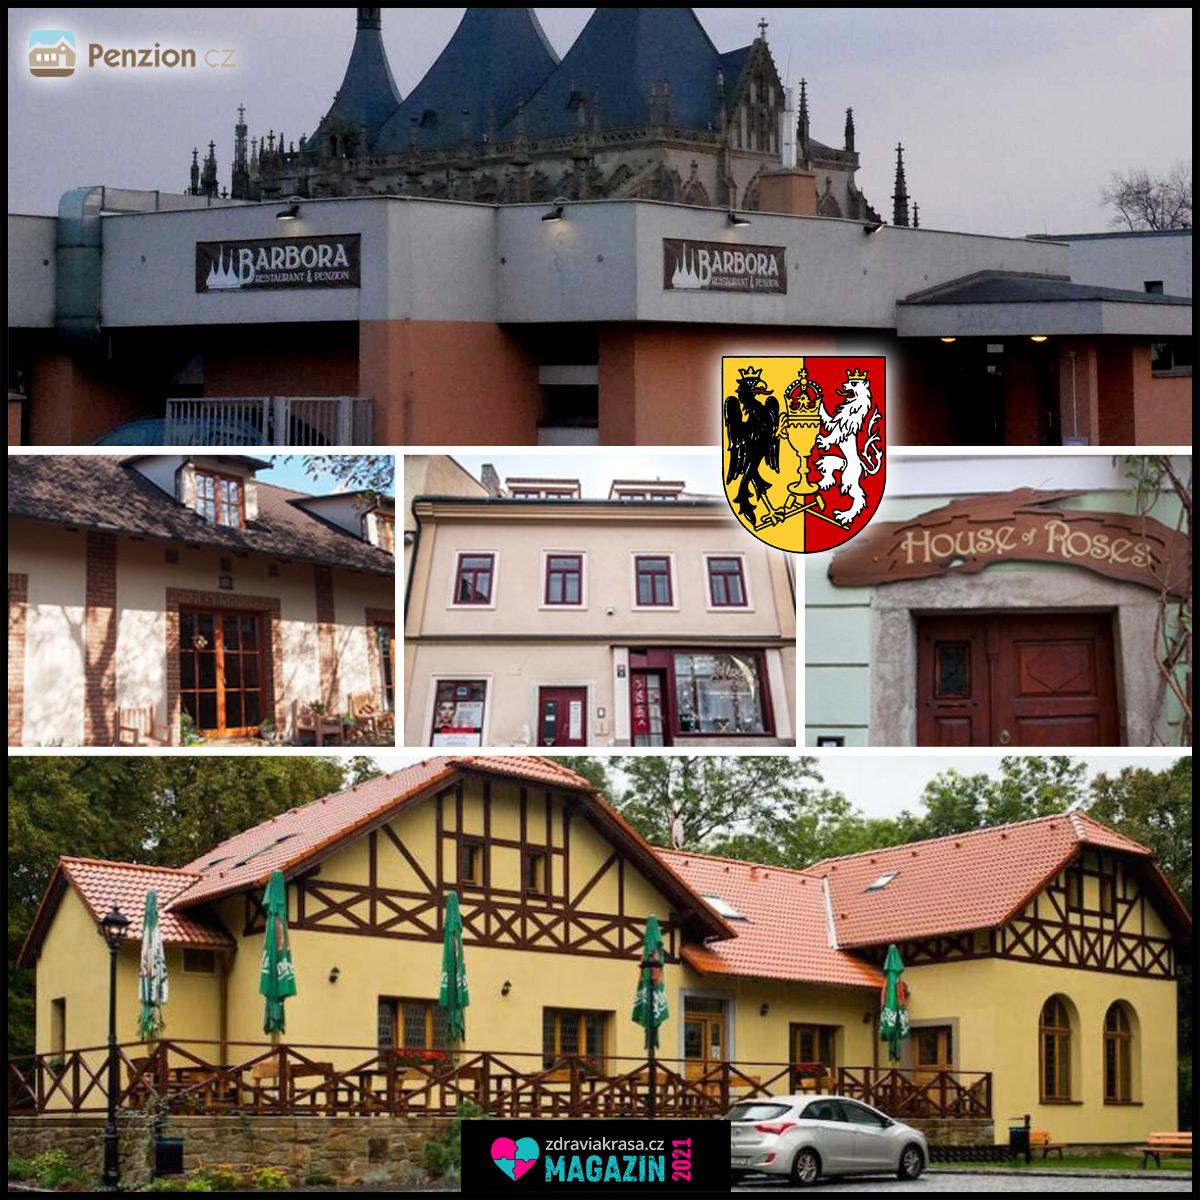 Střední Čechy, to je i Kutná Hora, místo, kam se budete s láskou vracet. Najděte si zde svůj penzion.